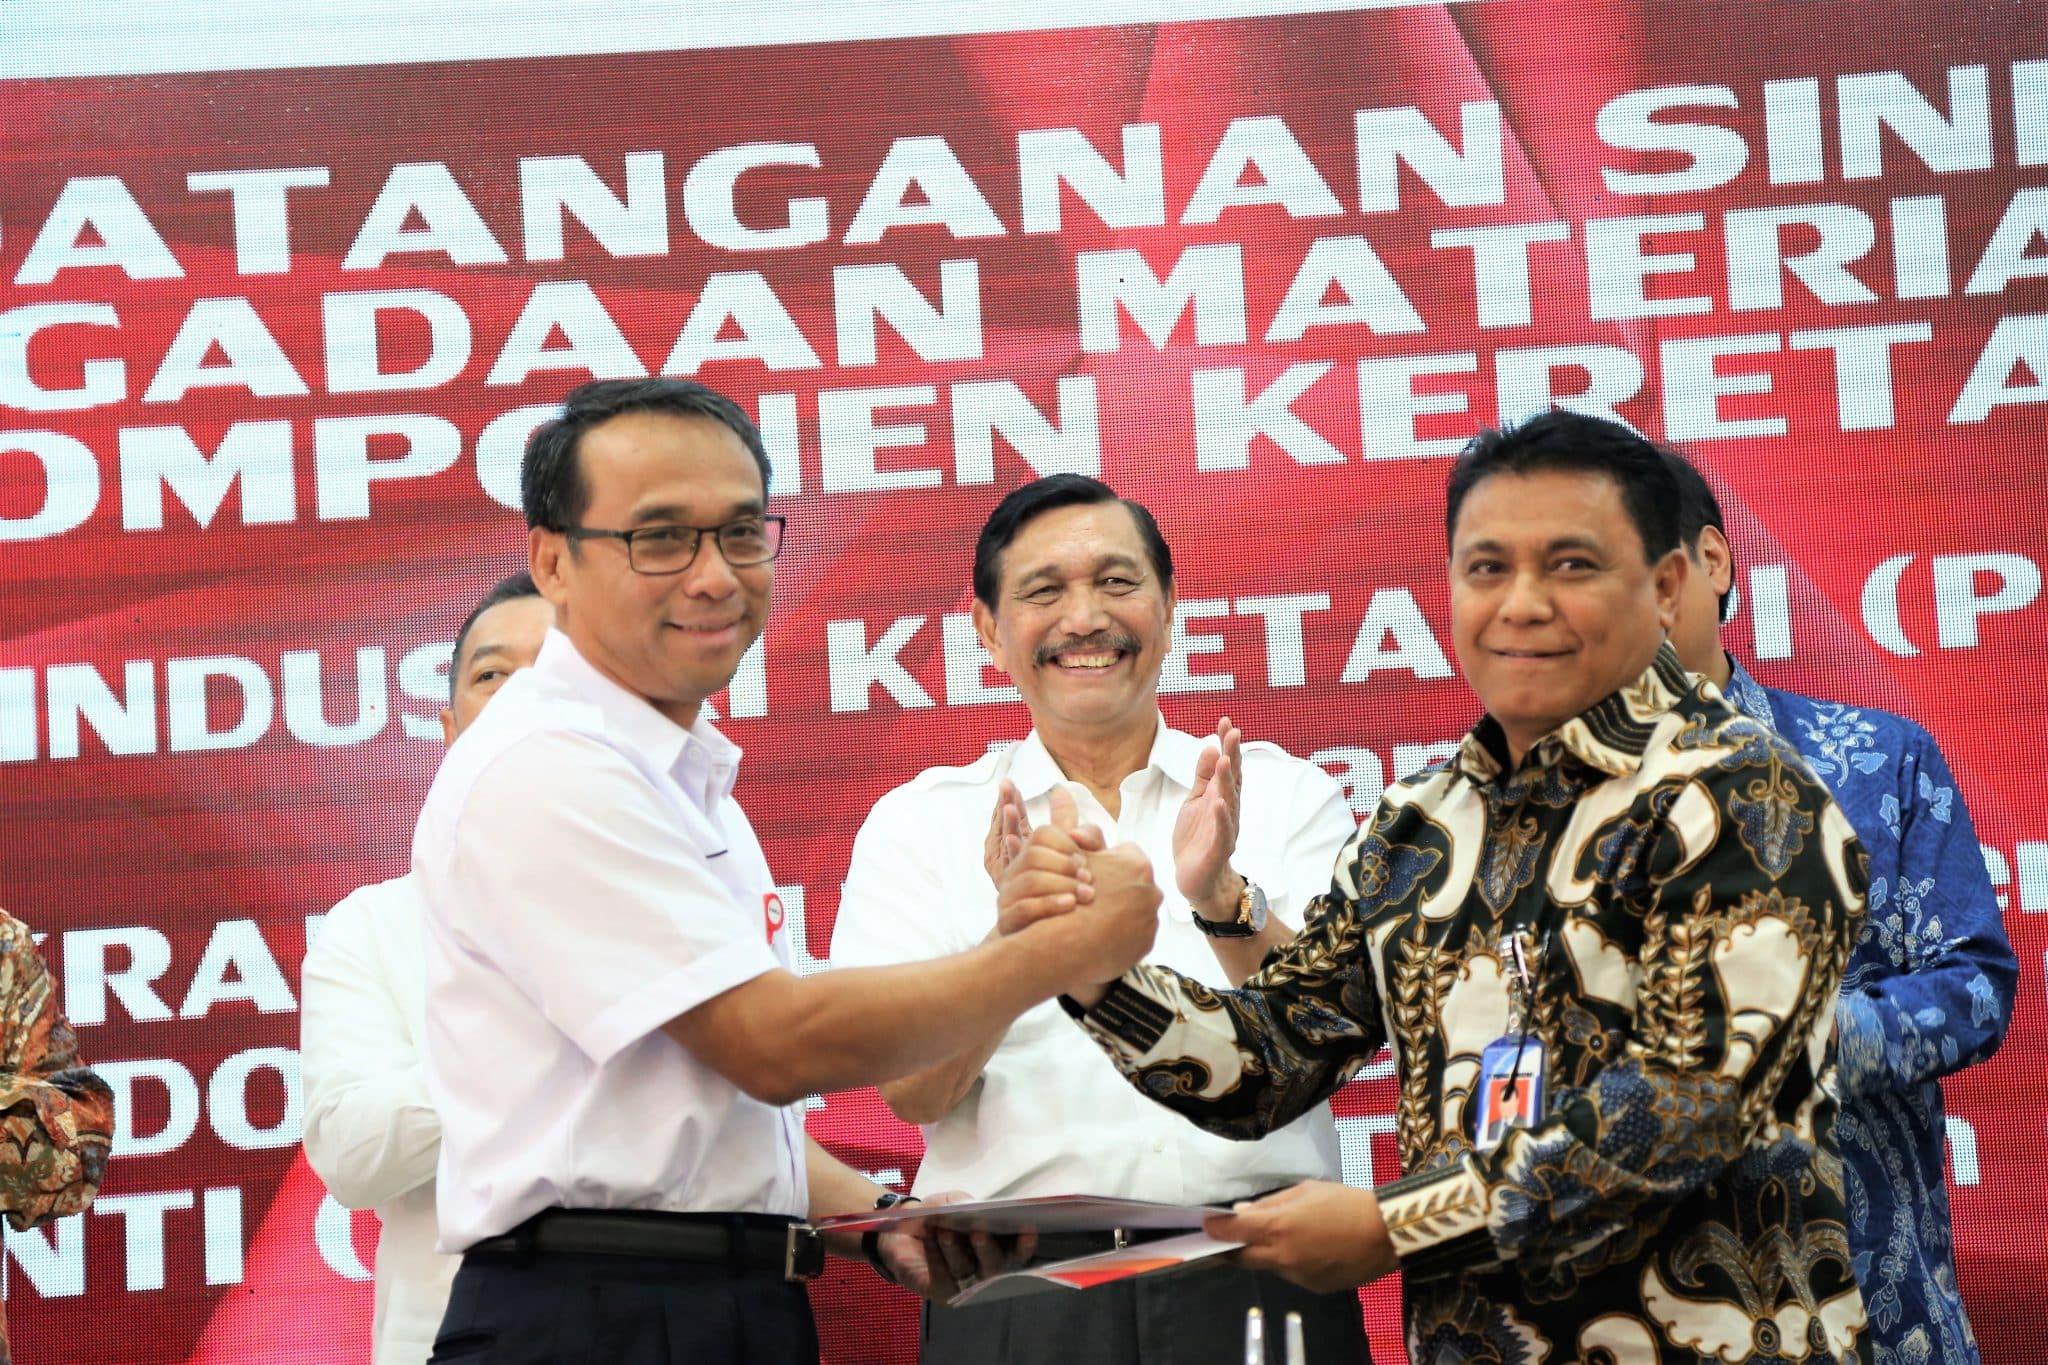 Menko Luhut Hadiri Penandatanganan Kontrak Pengadaan dan Rangka Sinergi BUMN di PT. INKA